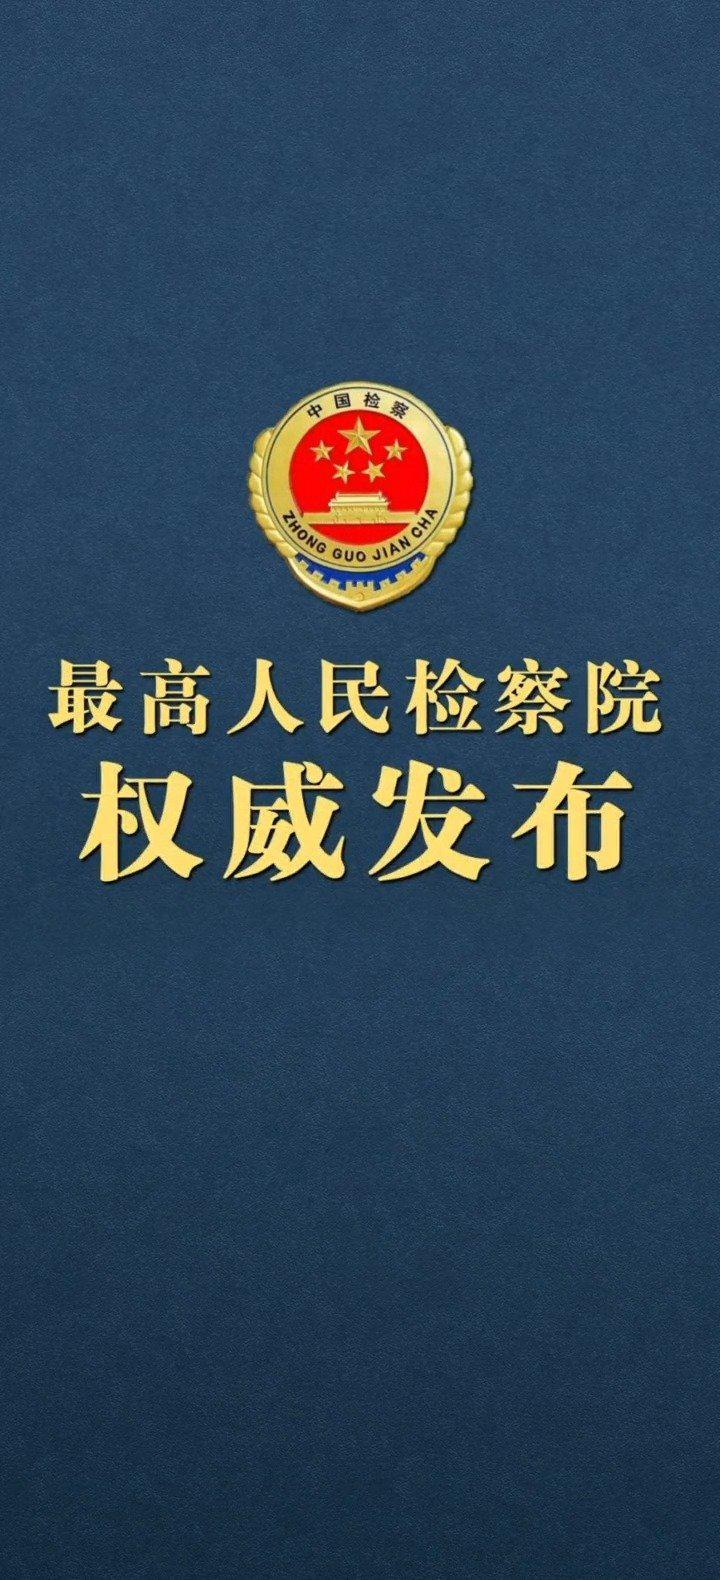 四川省交通投资集团原董事长雷洪金涉嫌受贿案被提起公诉